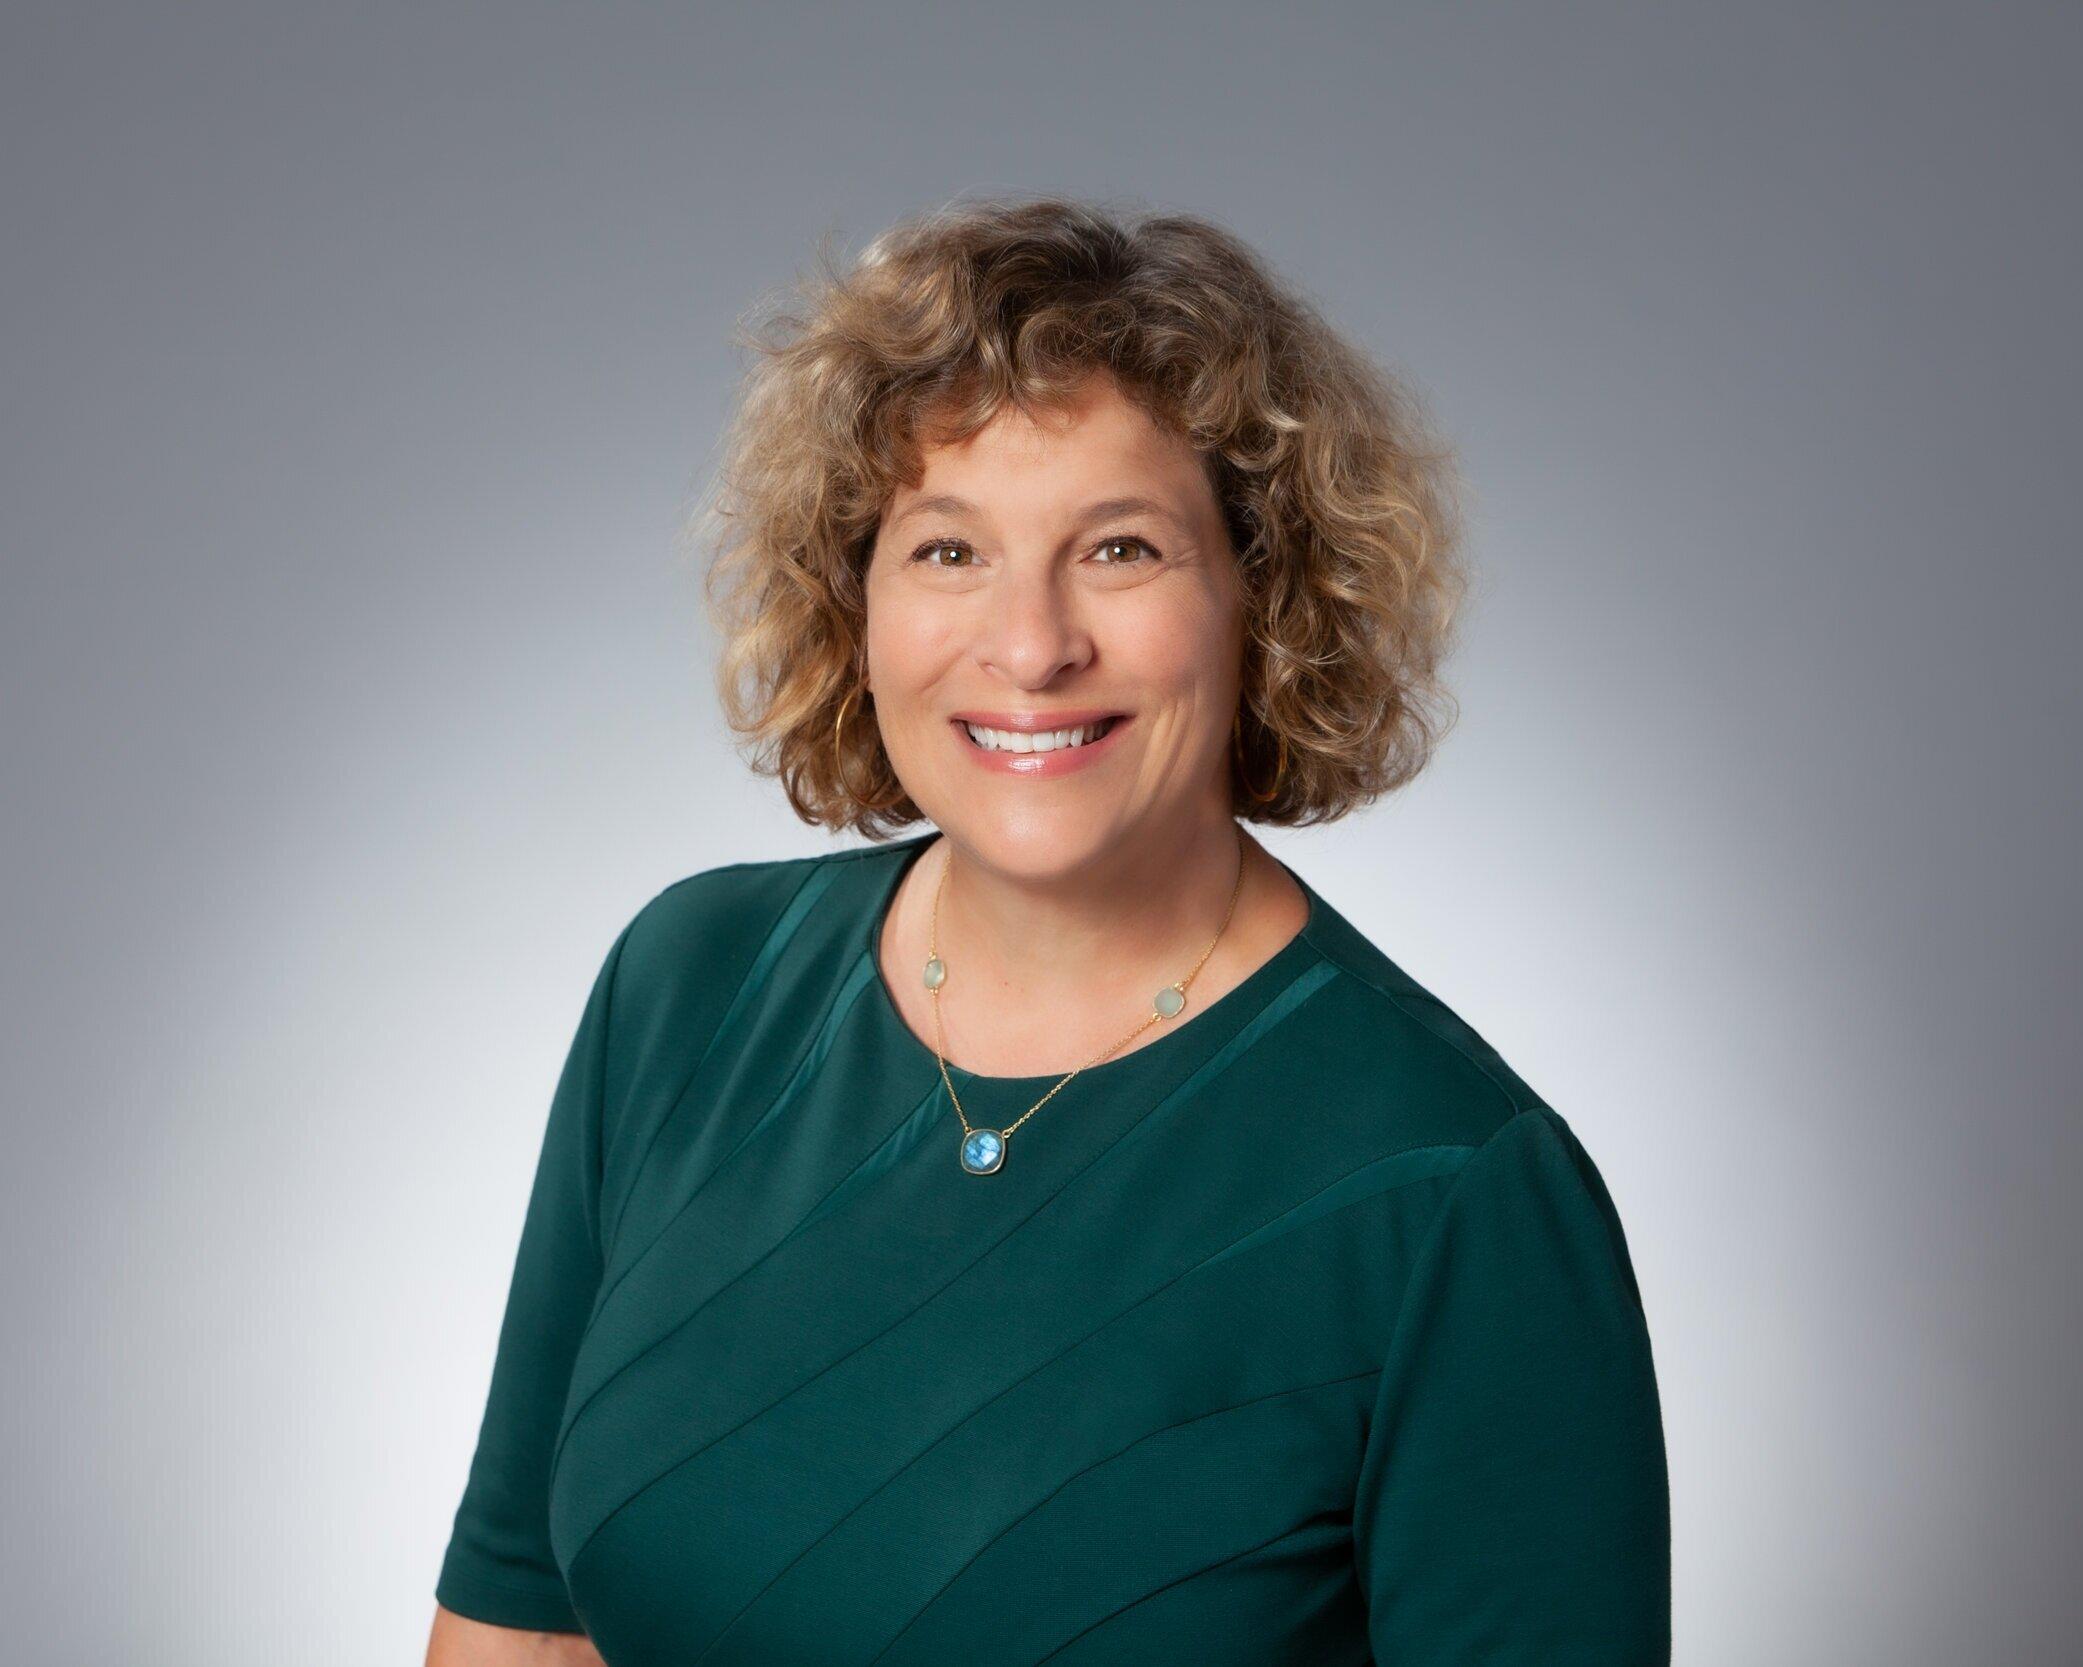 Heidi GantwerkHeidi是HG咨询集团的创始人和负责人, LLC, 具有战略规划和民间参与方面的专业知识.